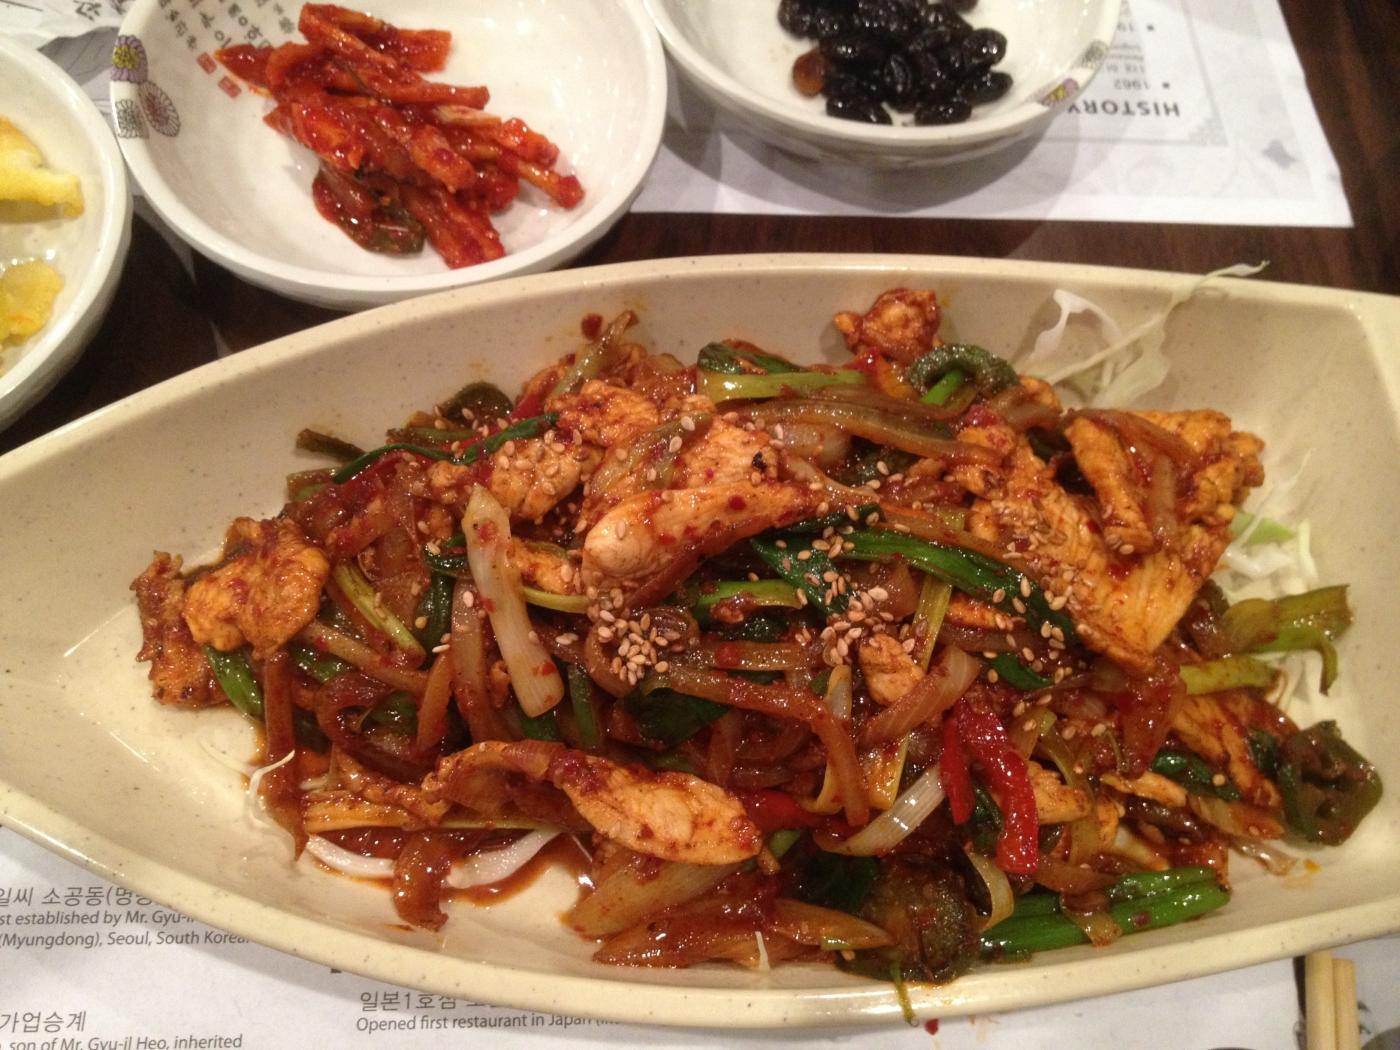 [jiejoy]晚餐---豆腐煲_图1-5